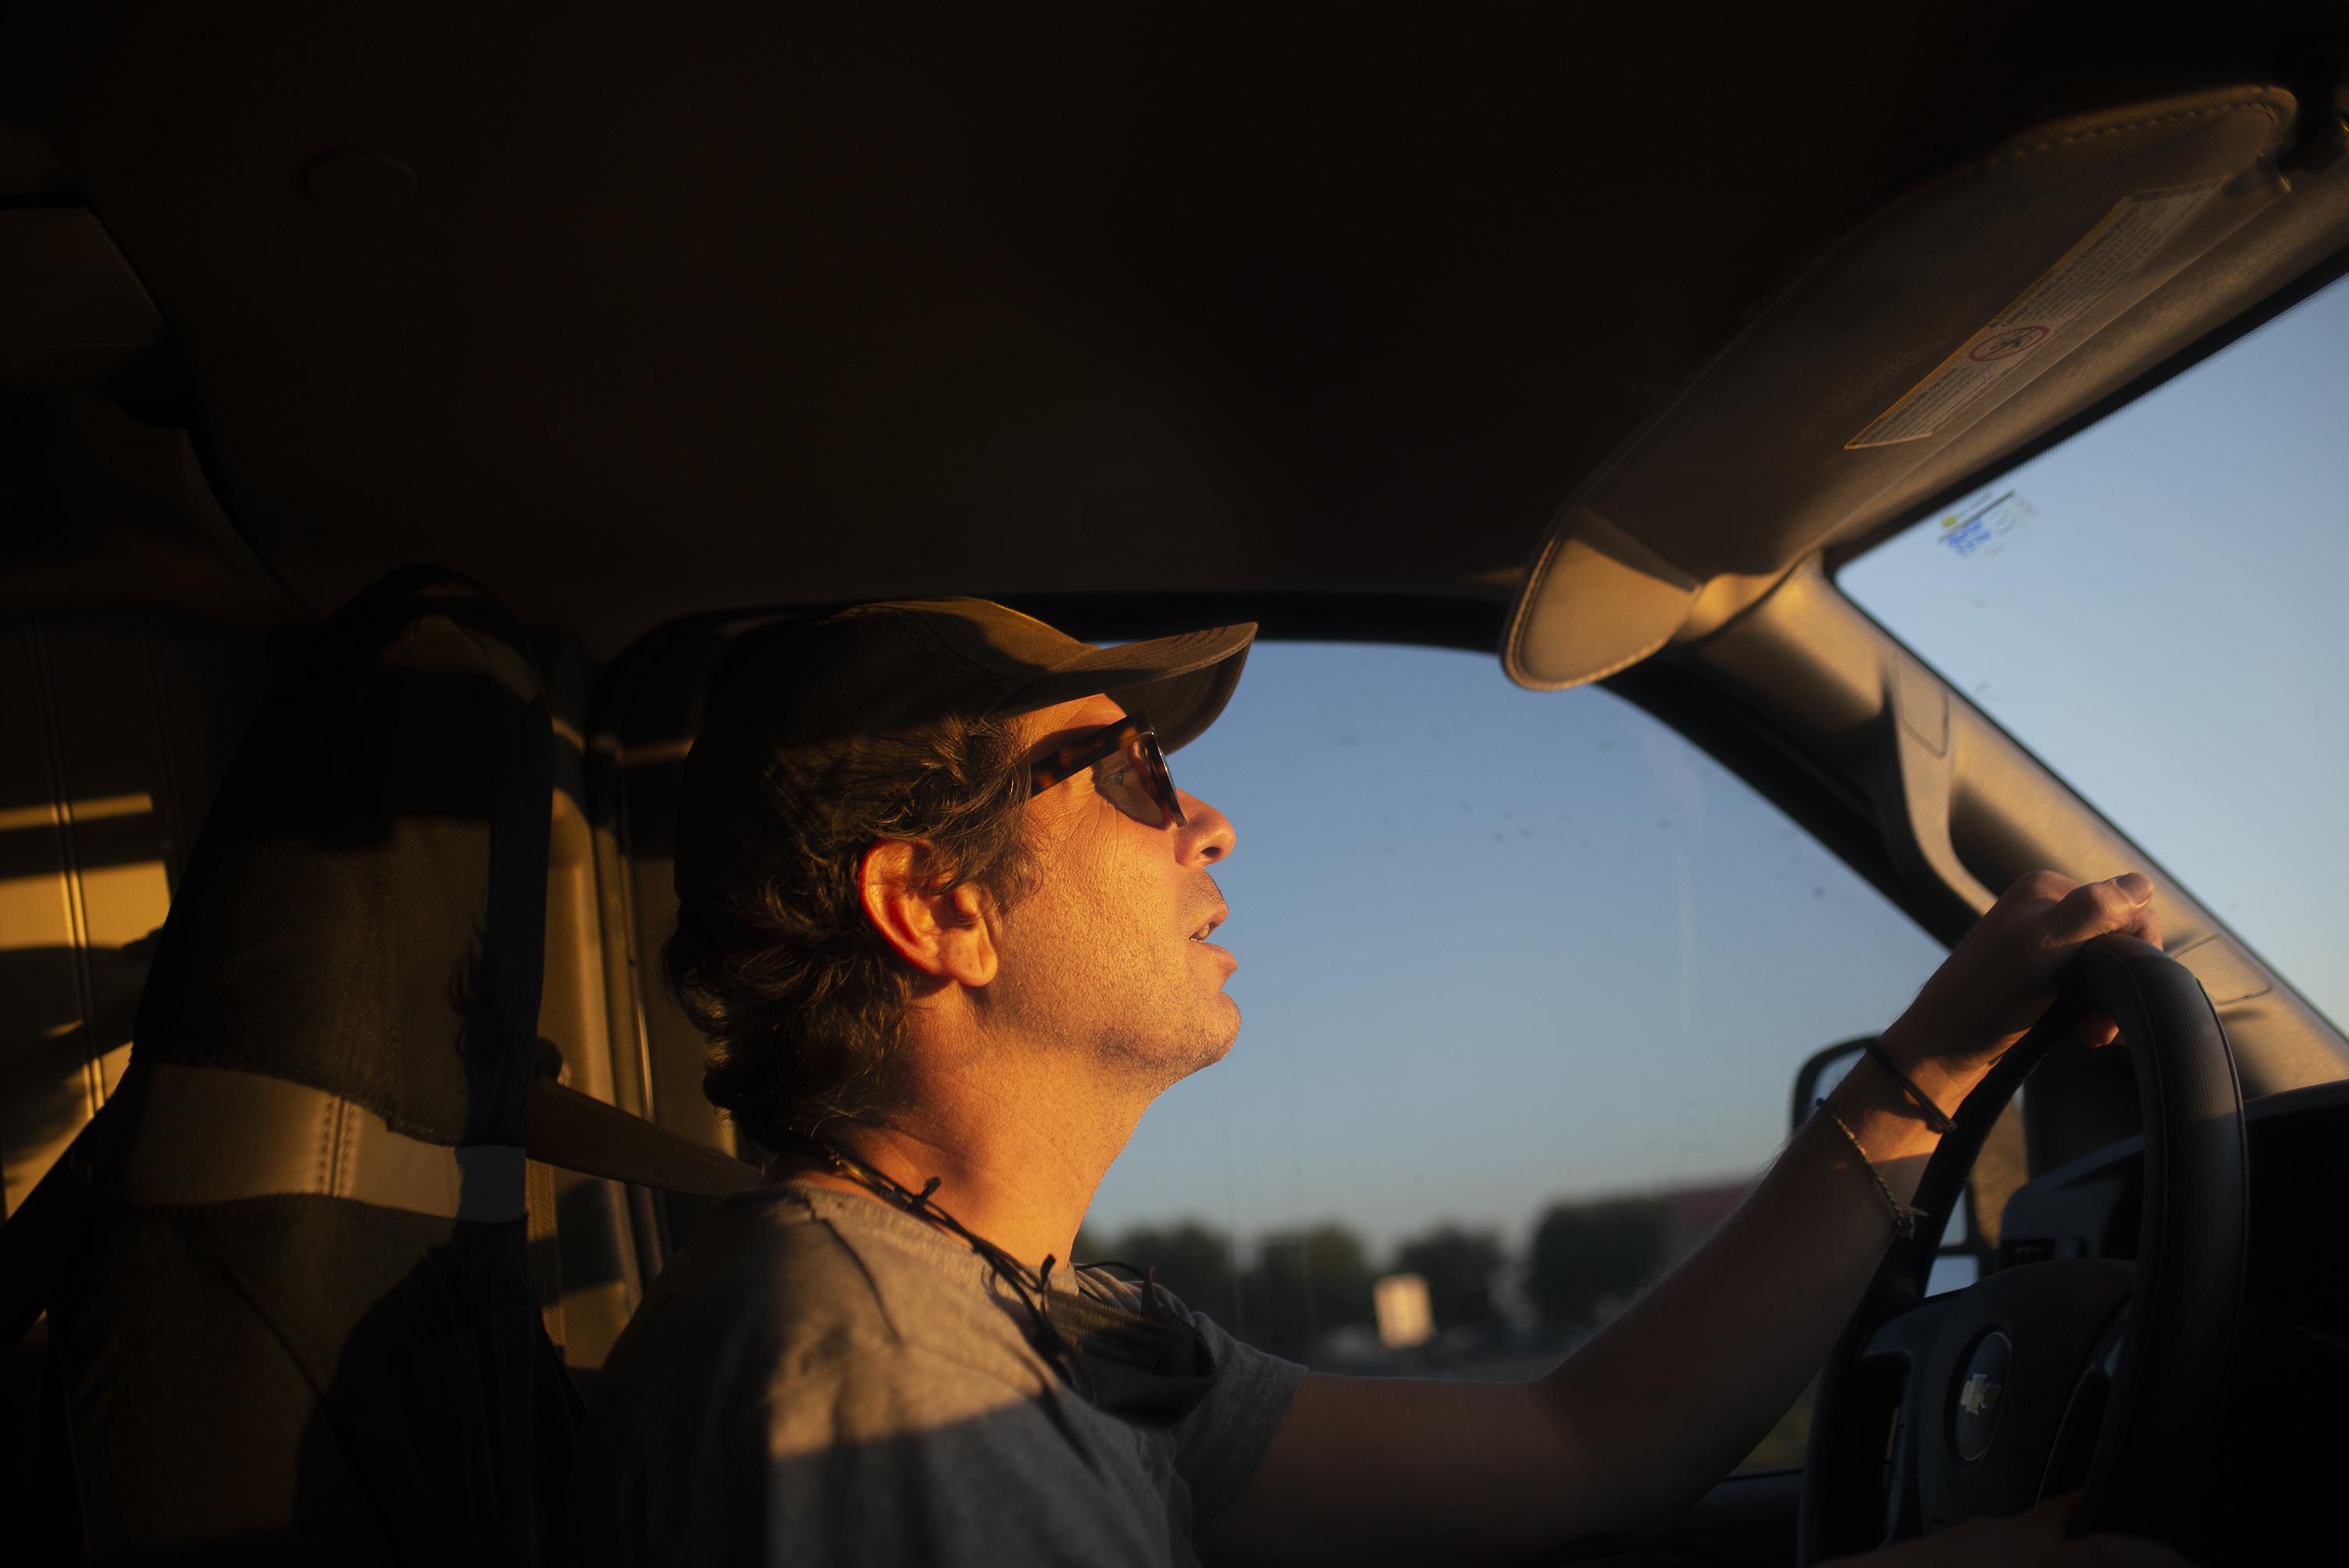 Dennis Devoy driving